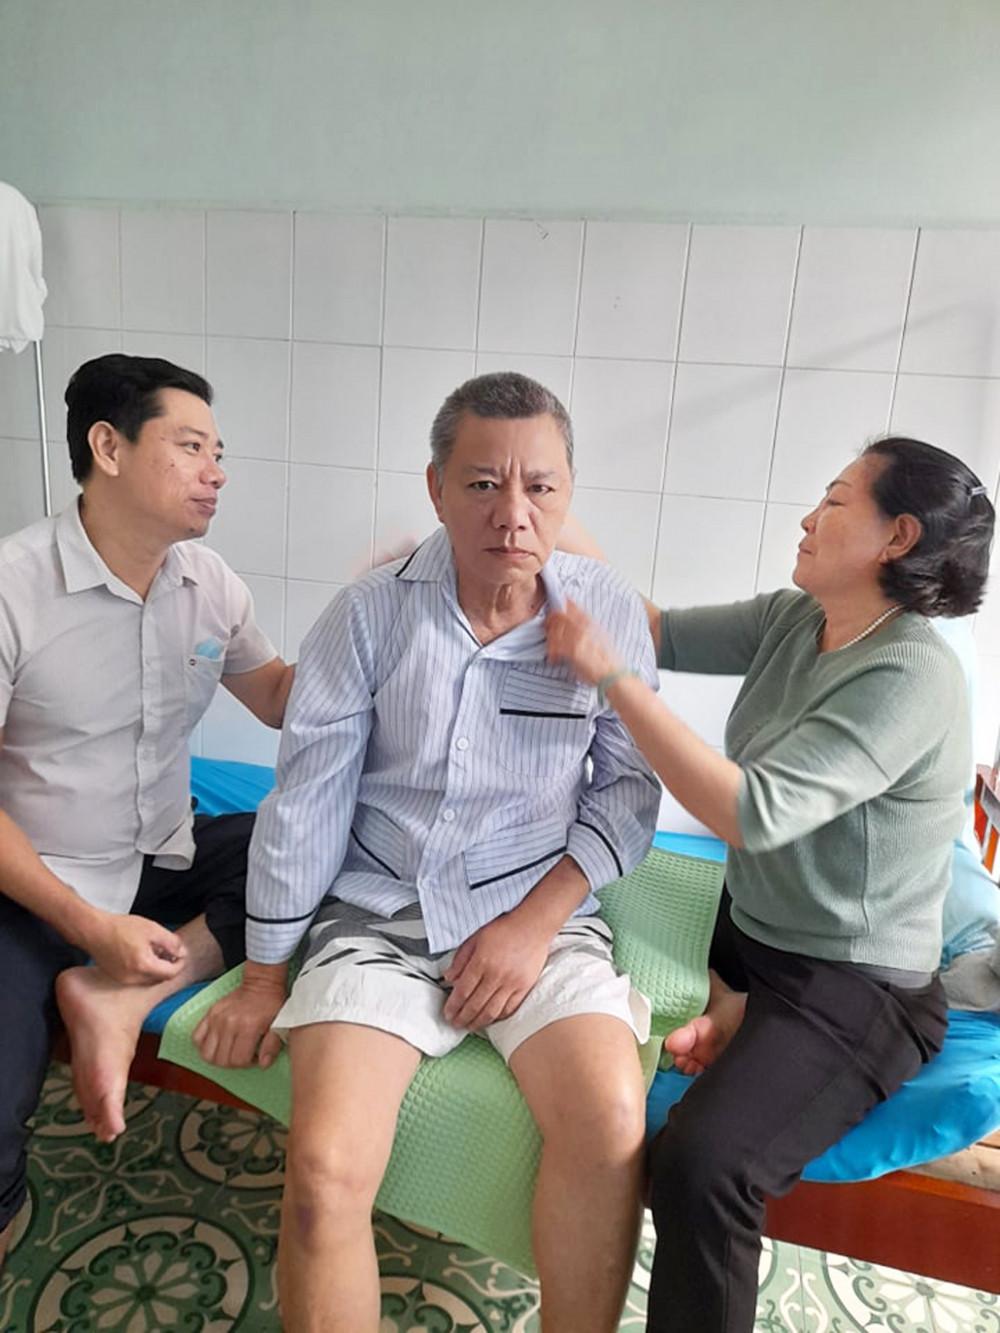 Sau khi ông Năm uống thuốc, bà Năm và con trai lớn thay phiên nhau vỗ lưng cho ông dễ chịu